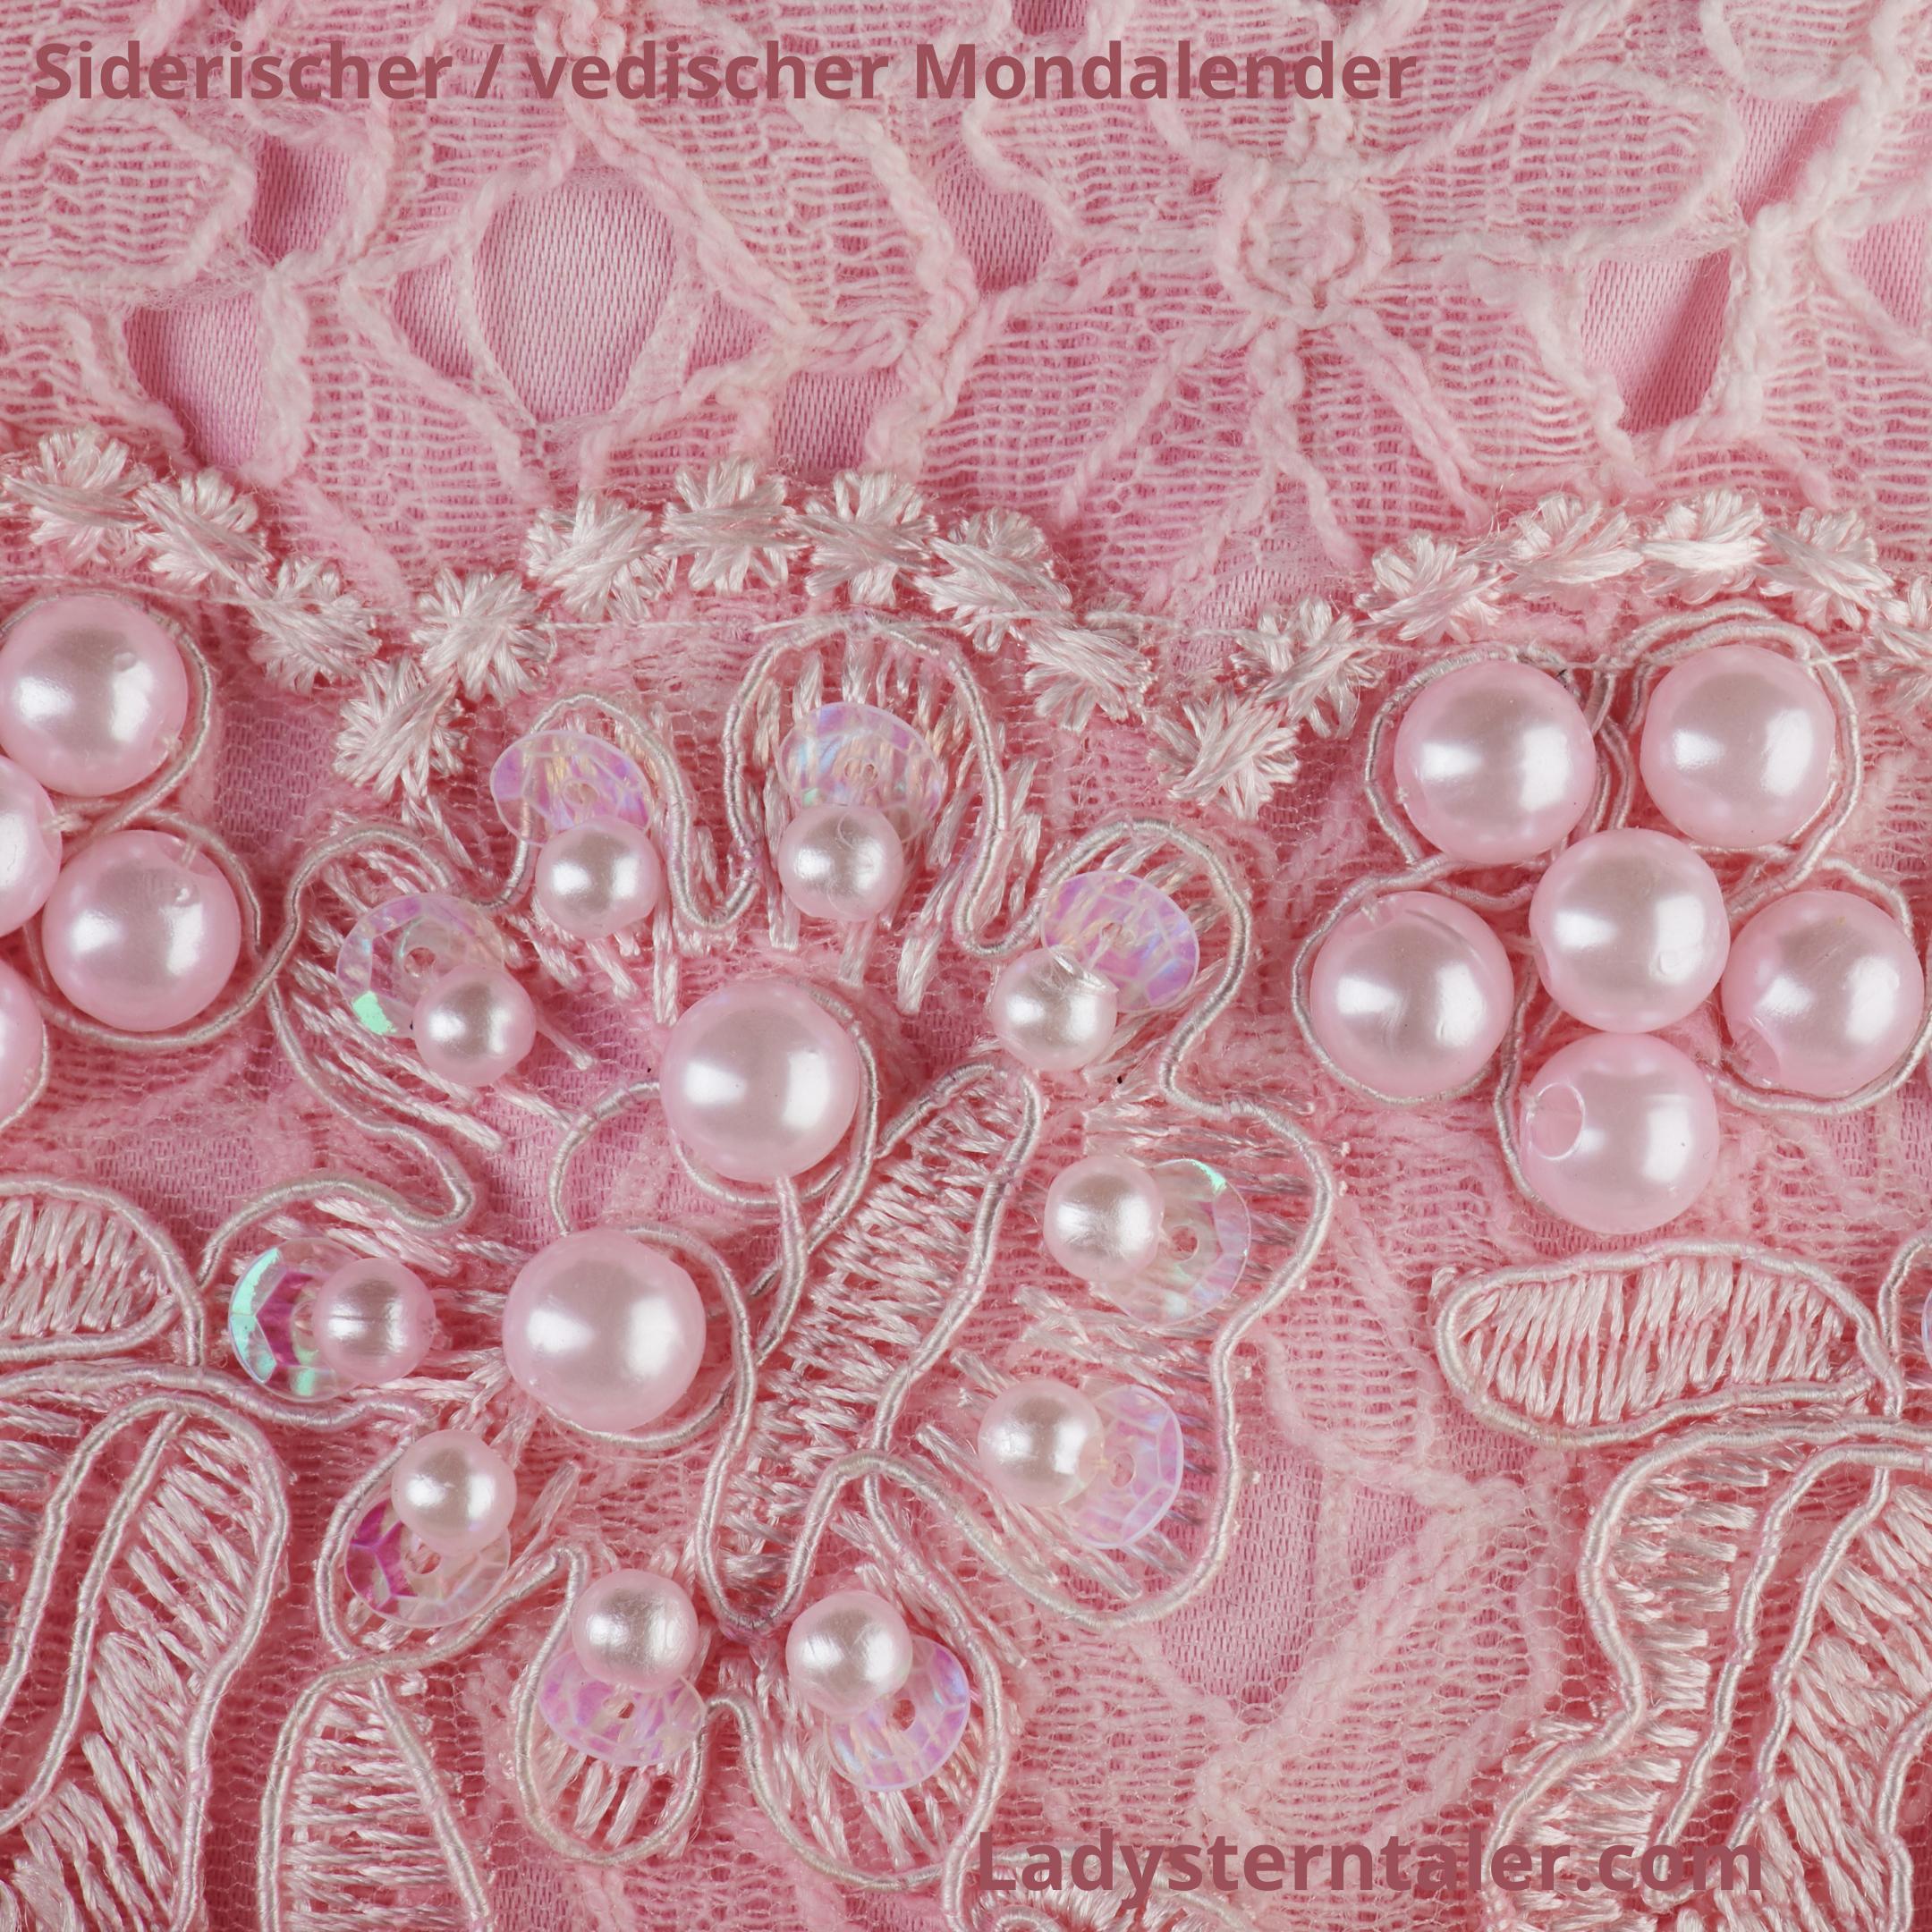 siderischer _ vedischer Mondkalender Chitra (1)